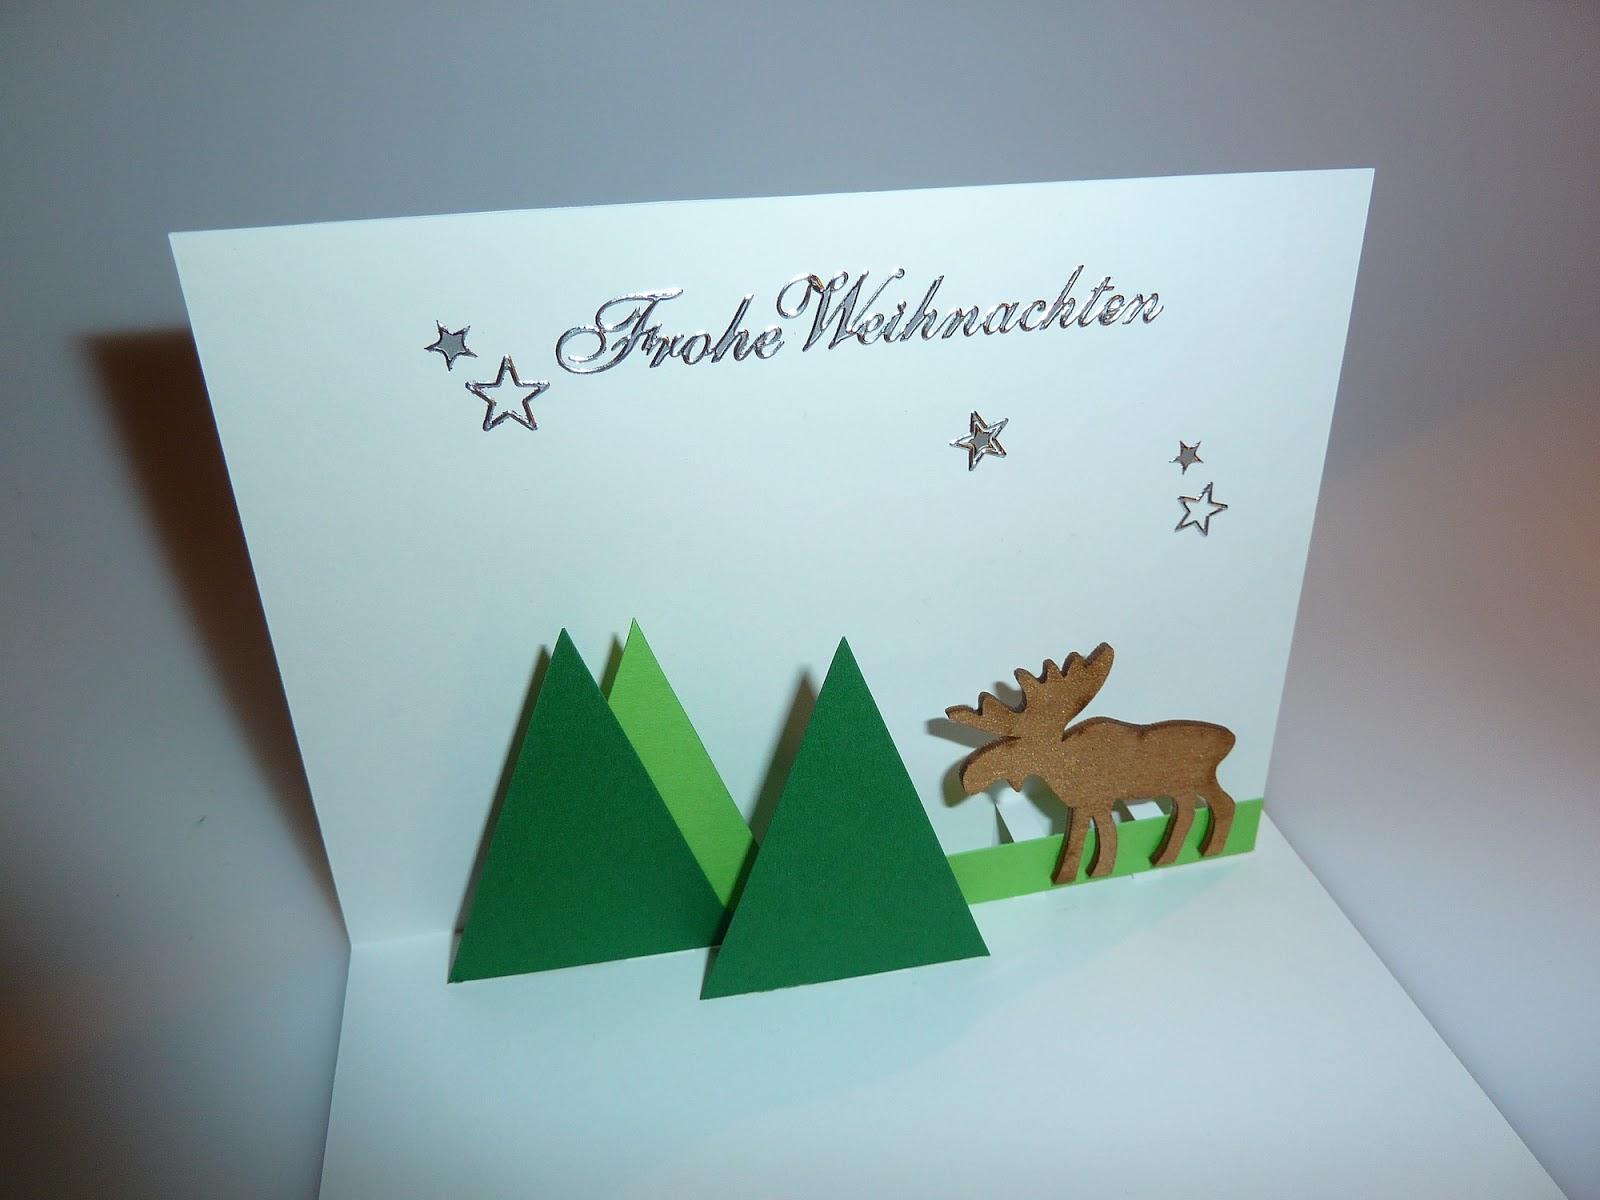 es elcht gar sehr pop up weihnachtskarte 2011 papierrascheln stampin 39 up demonstratorin. Black Bedroom Furniture Sets. Home Design Ideas